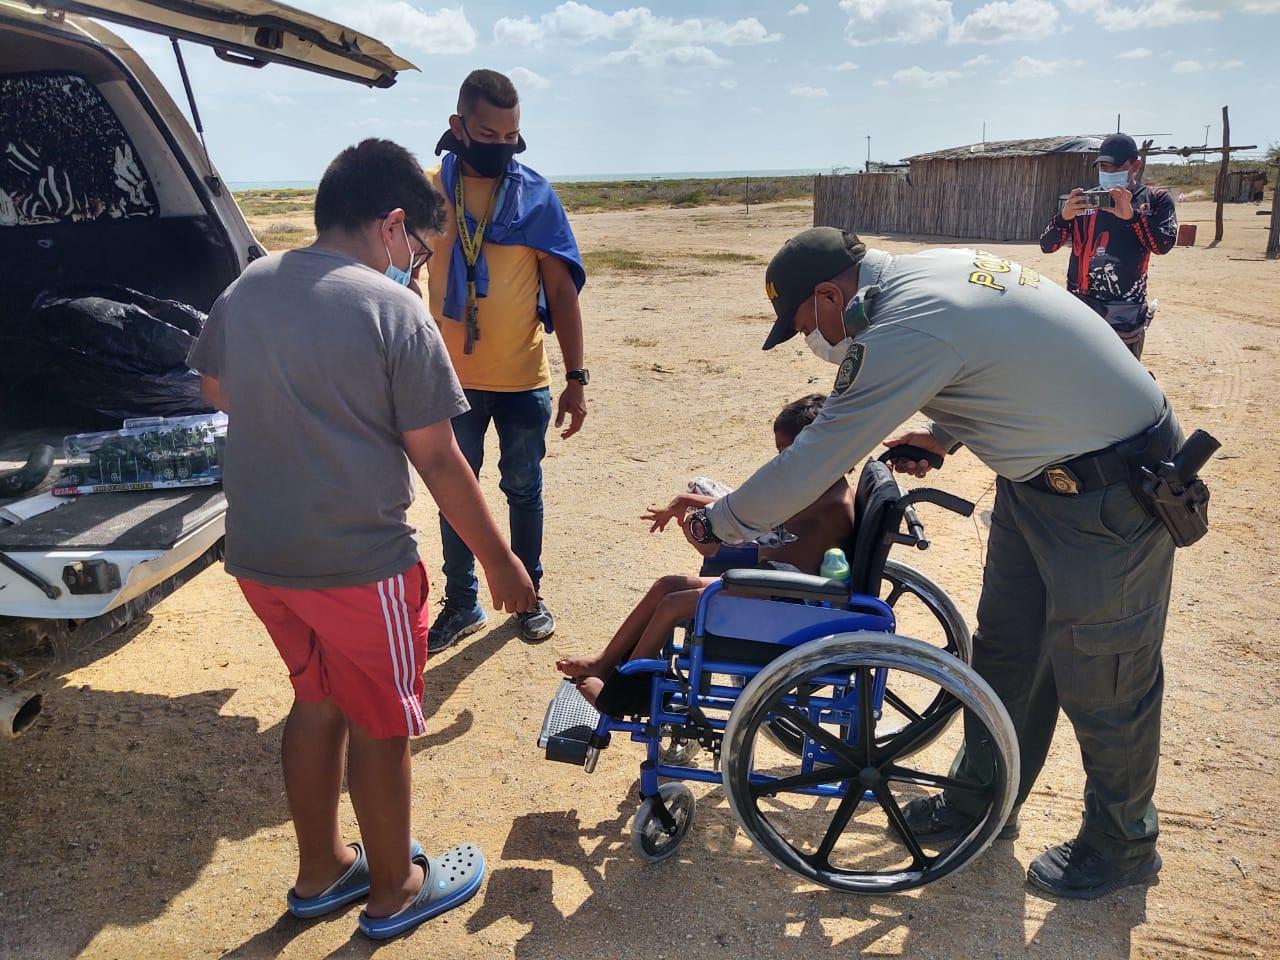 https://www.notasrosas.com/ 'Rueda por un Corazón': campaña realizada por el Grupo de Protección al Turismo, en El Cabo De La Vela